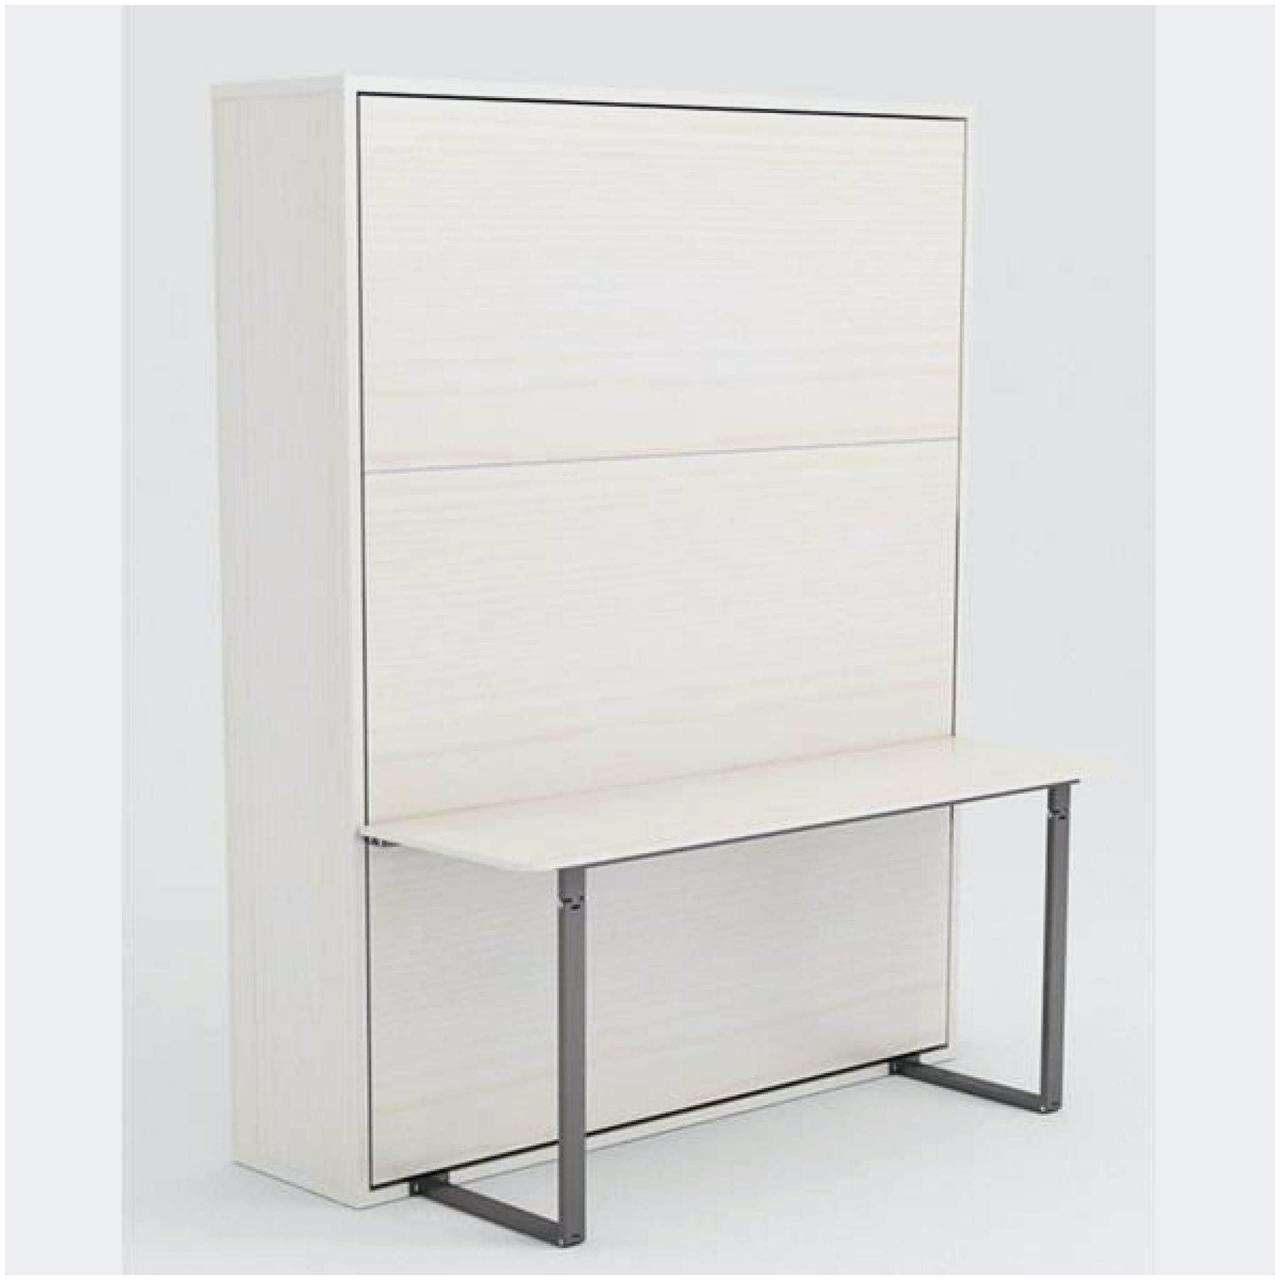 Canapé Lit Convertible Ikea Impressionnant Beau 45 Meilleures Petit Canape Cuir 2 Places Ikea Pour Choix Canapé